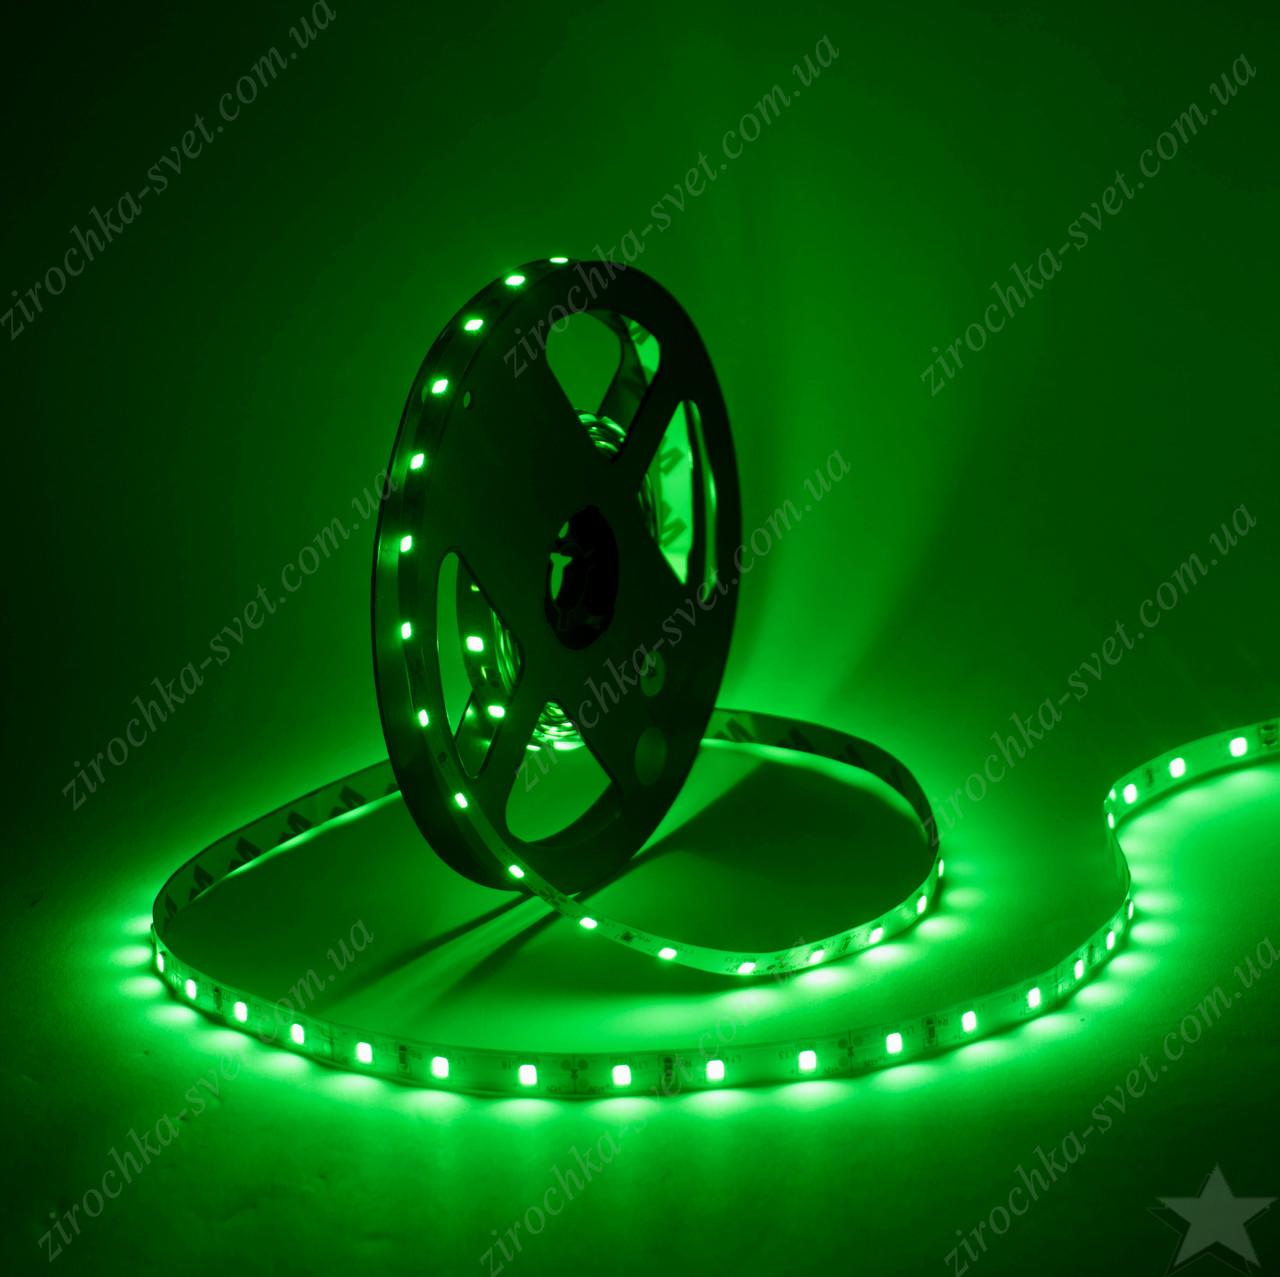 Светодиодная лента зеленая smd5050 12в 60шт/м  IP20 14,4 Вт/м Motoko